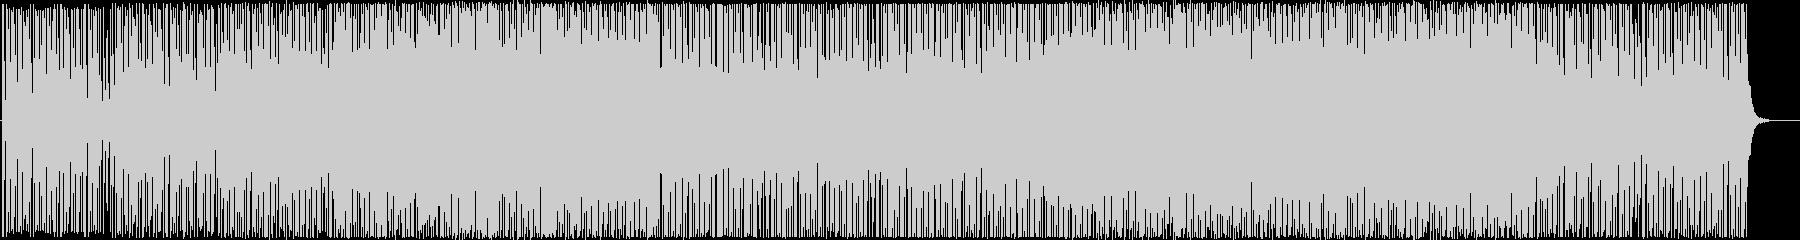 明るくポジティブなシンセポップ-軽快の未再生の波形